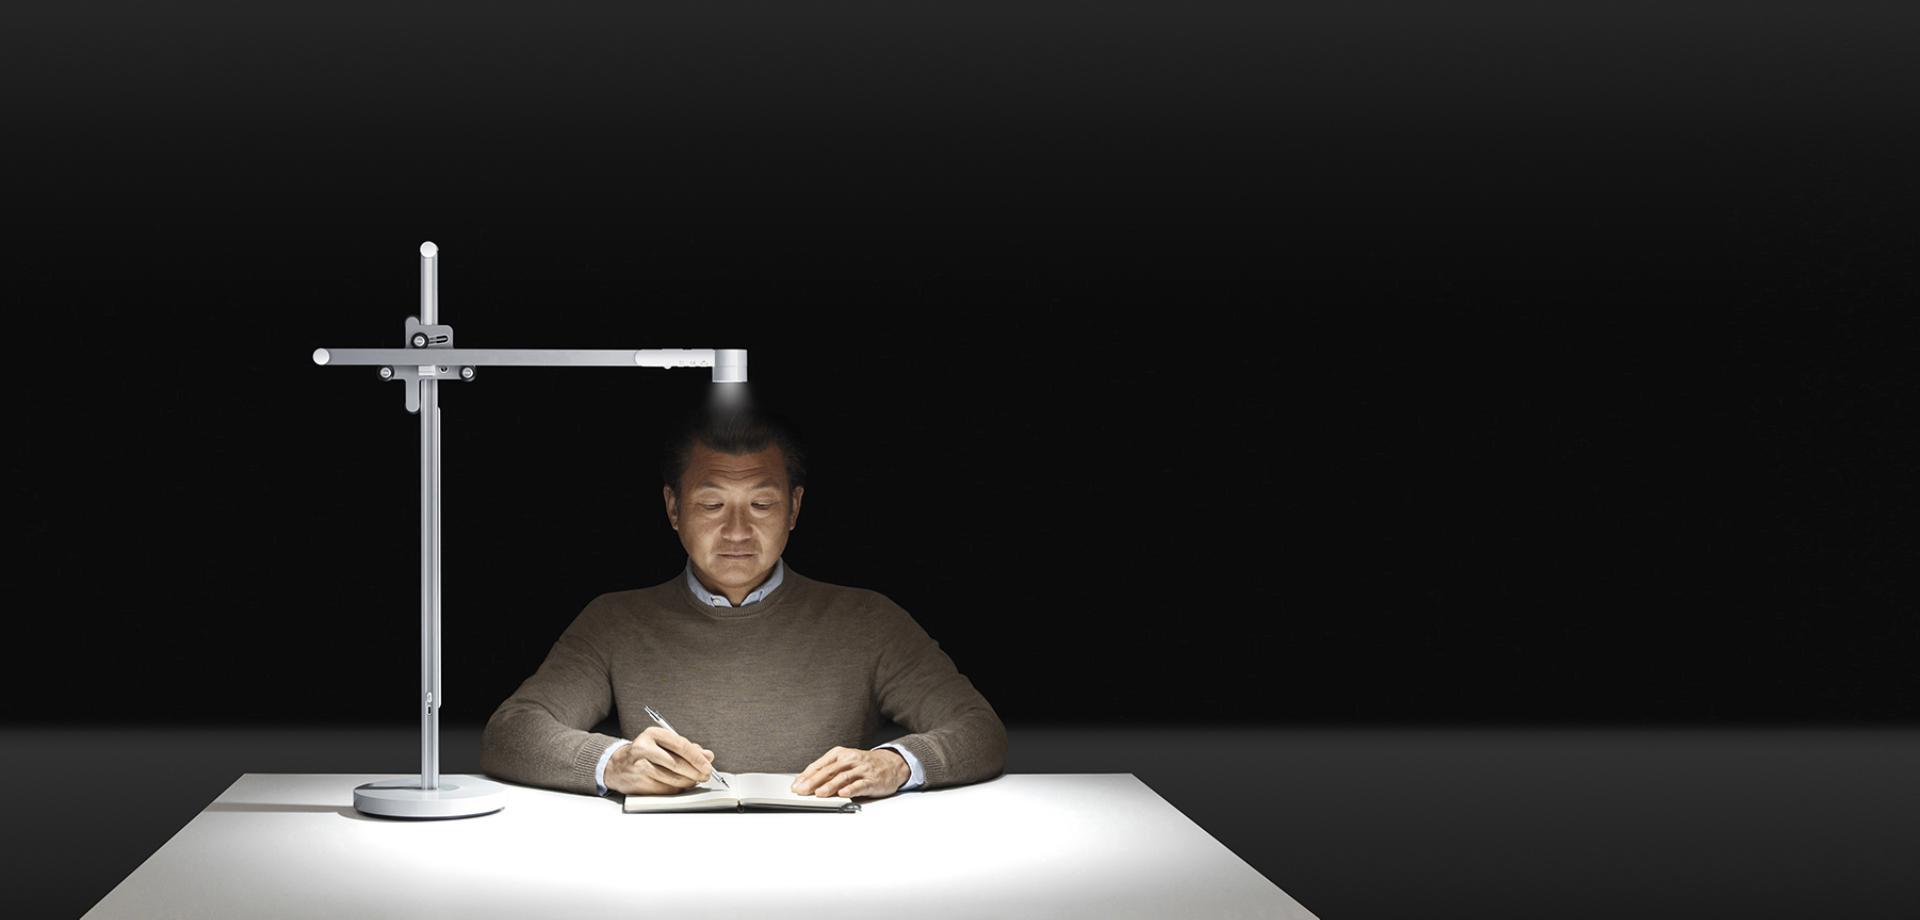 一位中年男士在建議亮度的燈光下閱讀